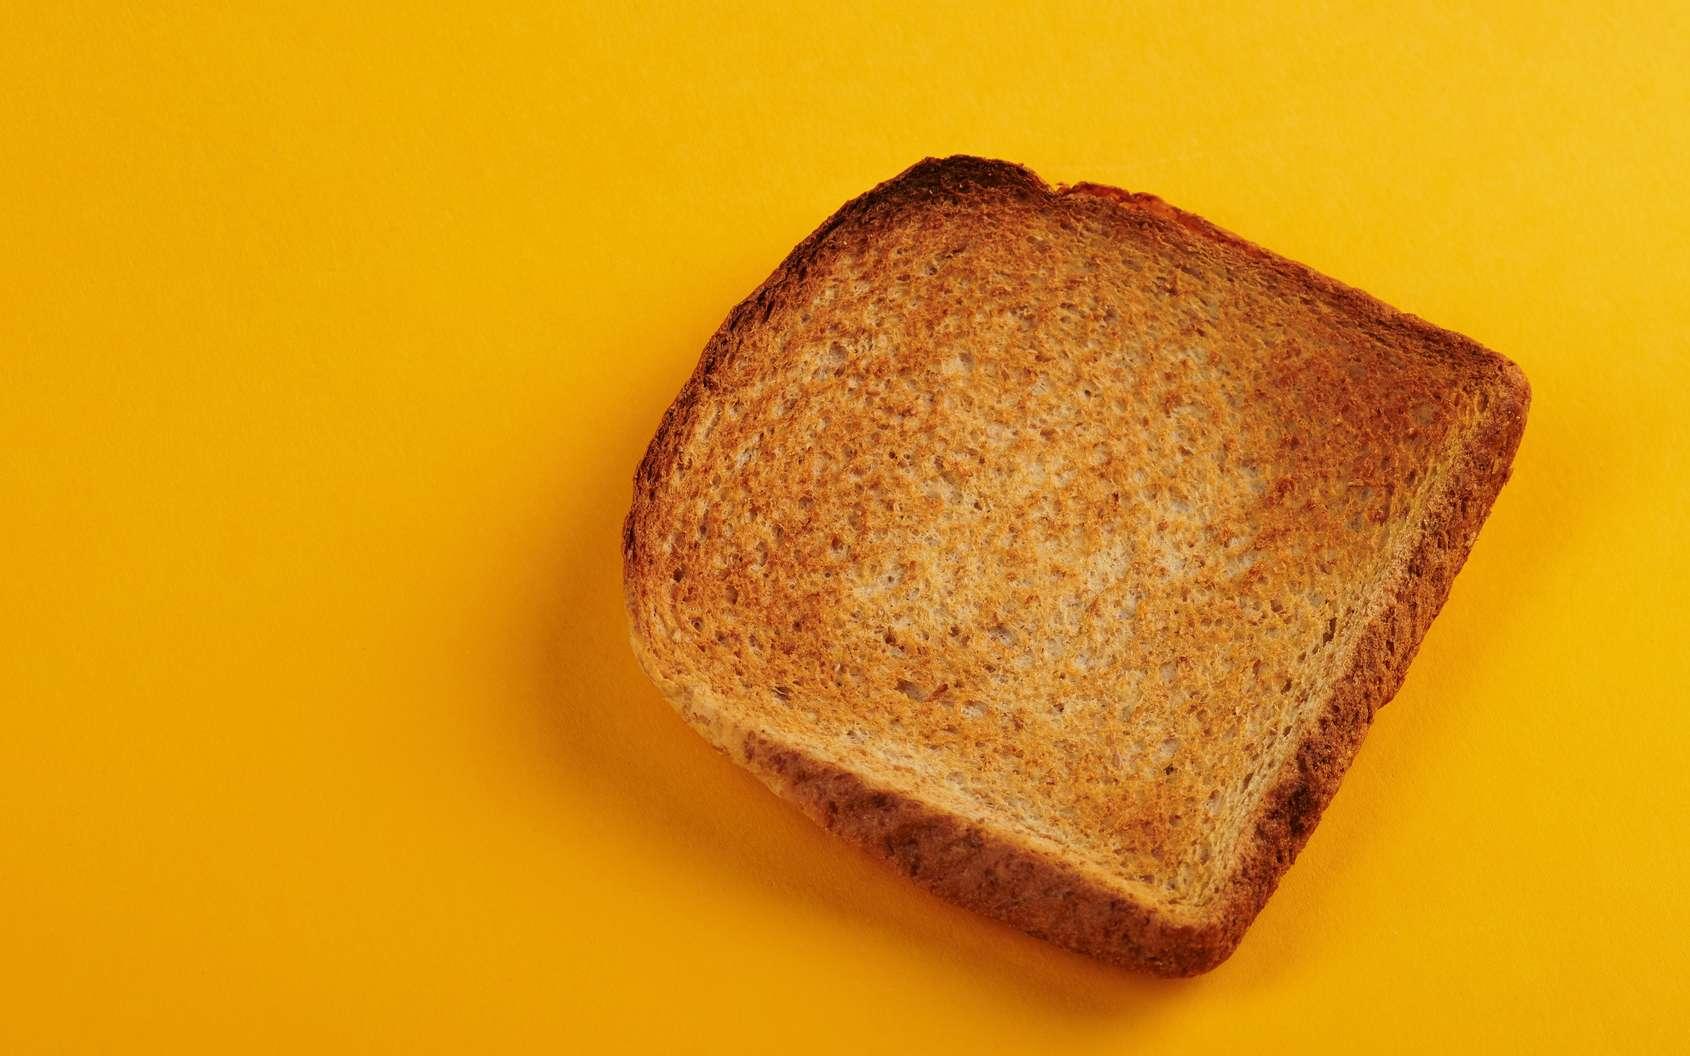 L'acrylamide se forme lors de la cuisson des aliments à forte température. © PixieMe - Fotolia